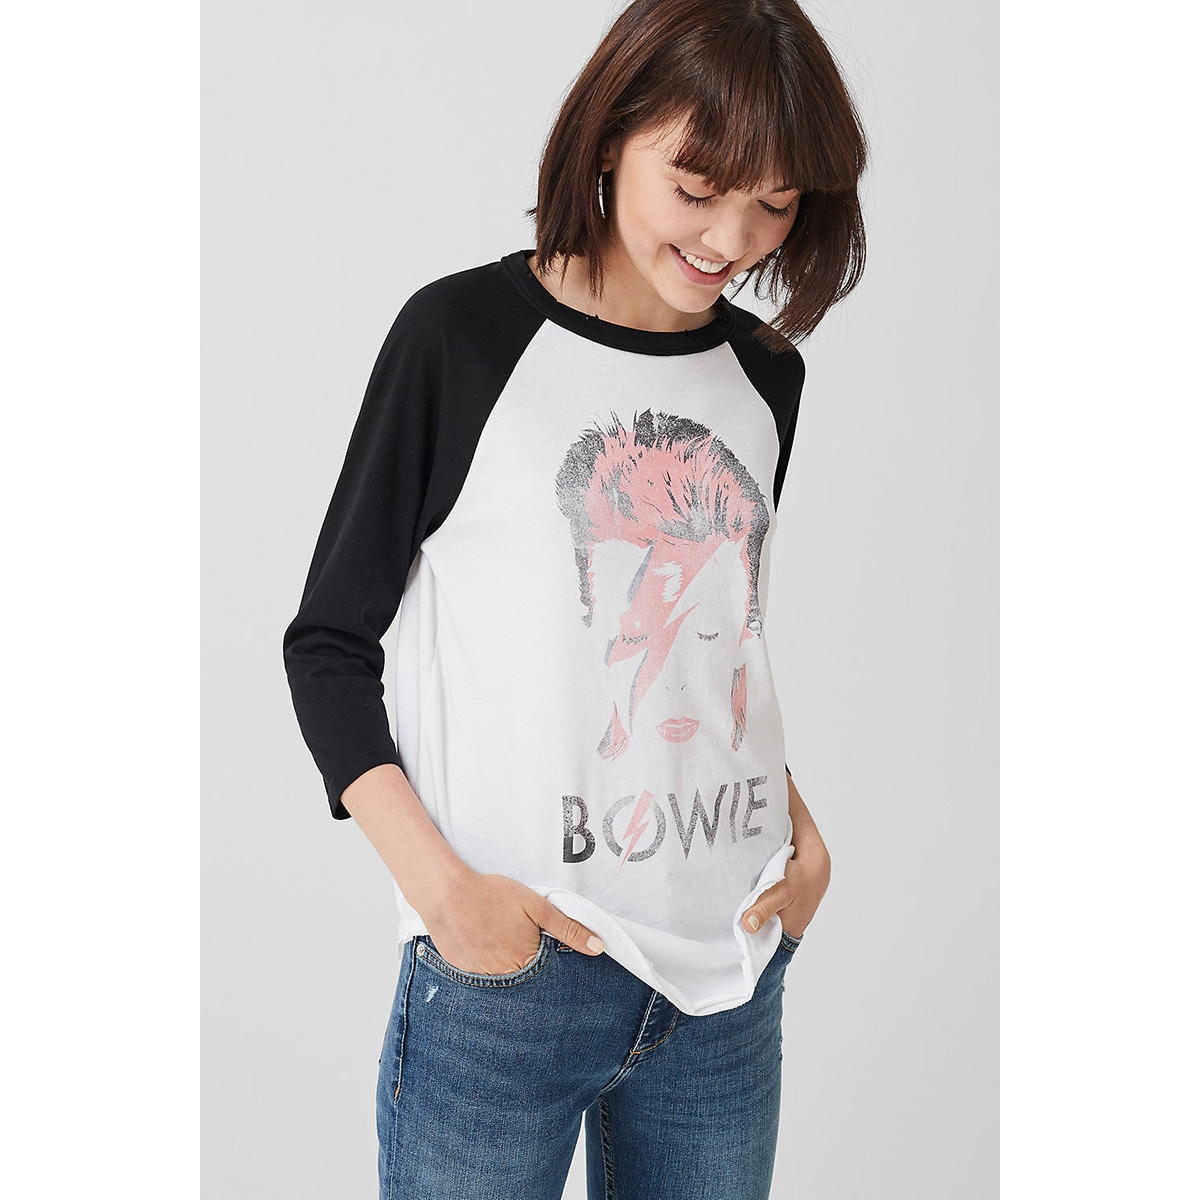 bowie t shirt 41908394566 q/s designed by t-shirt 01d0